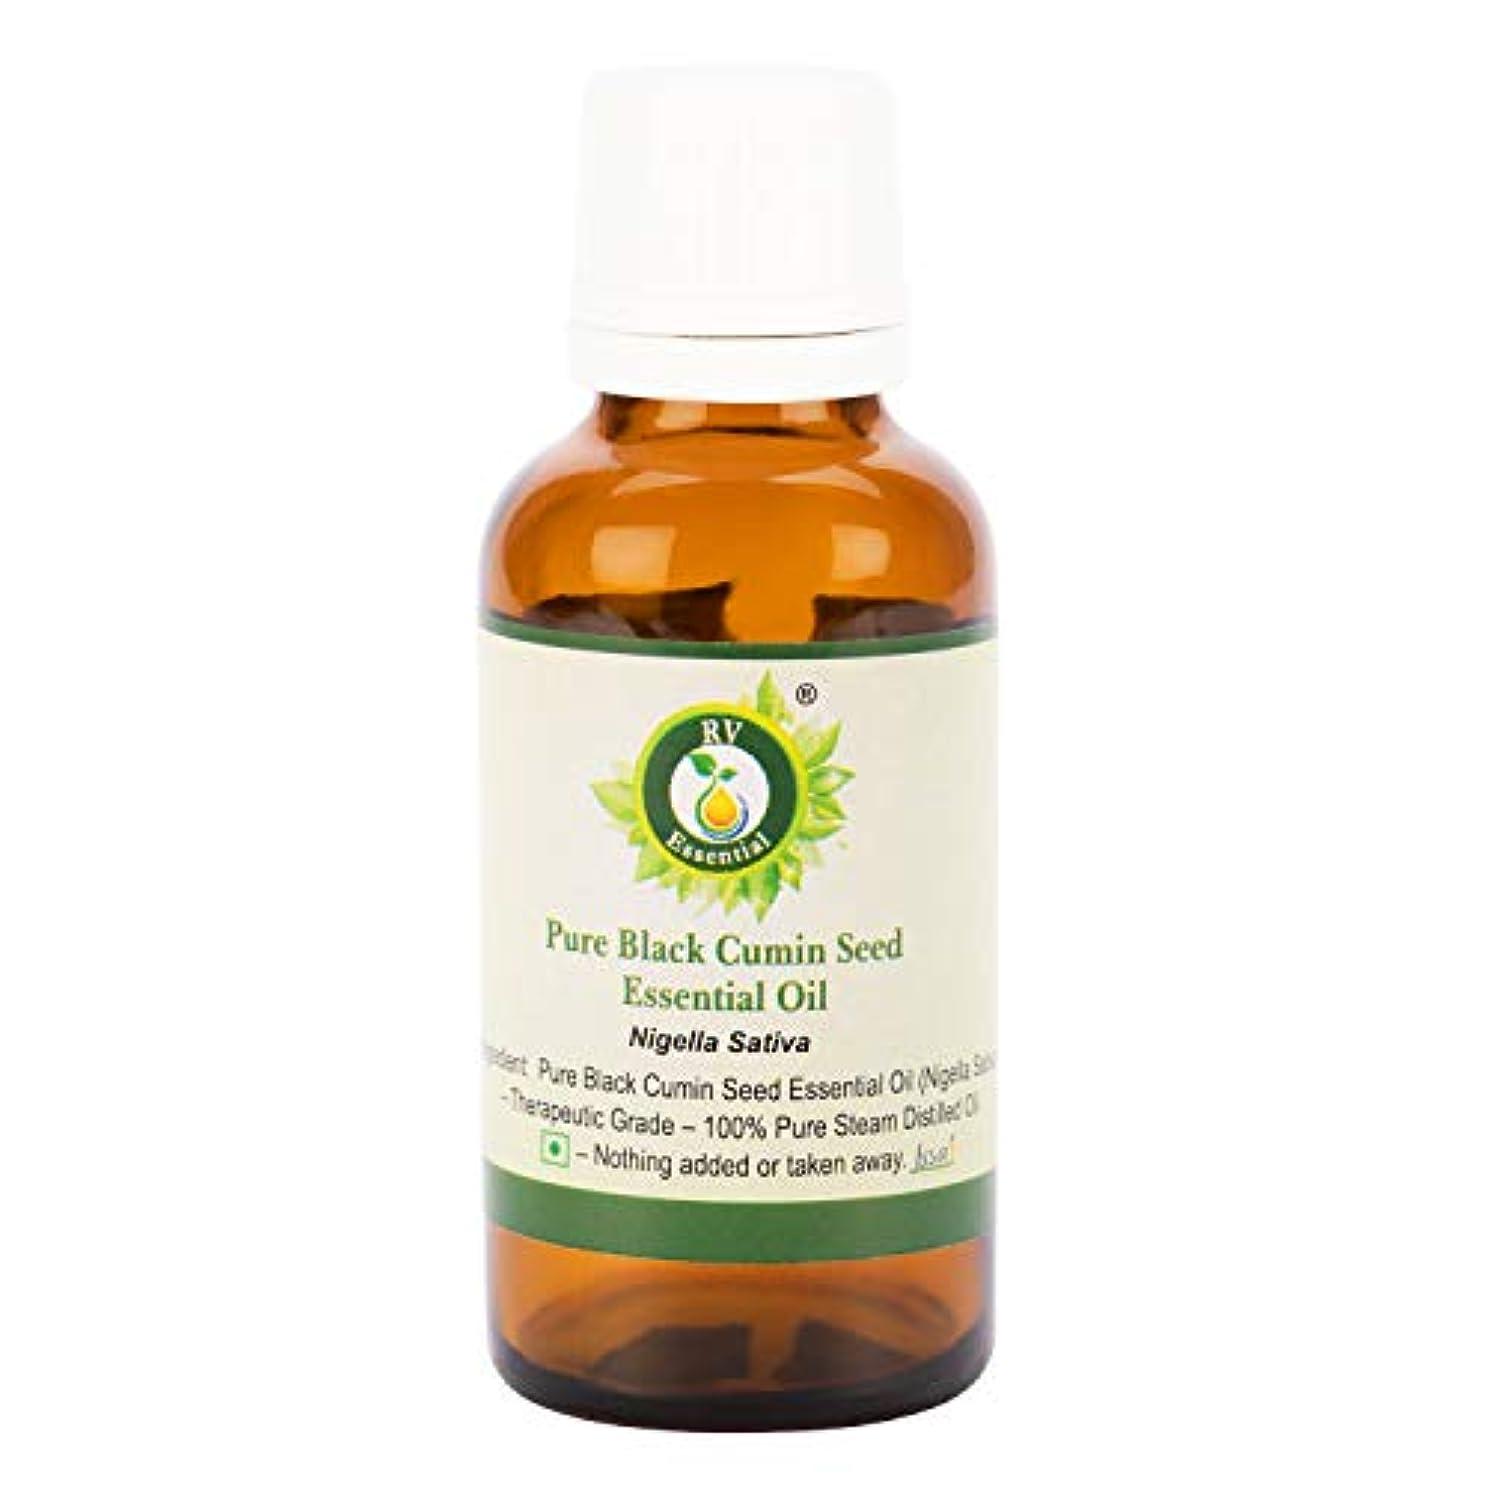 タッチヨーグルトベールピュアブラッククミンシードエッセンシャルオイル5ml (0.169oz)- Nigella Sativa (100%純粋&天然スチームDistilled) Pure Black Cumin Seed Essential...